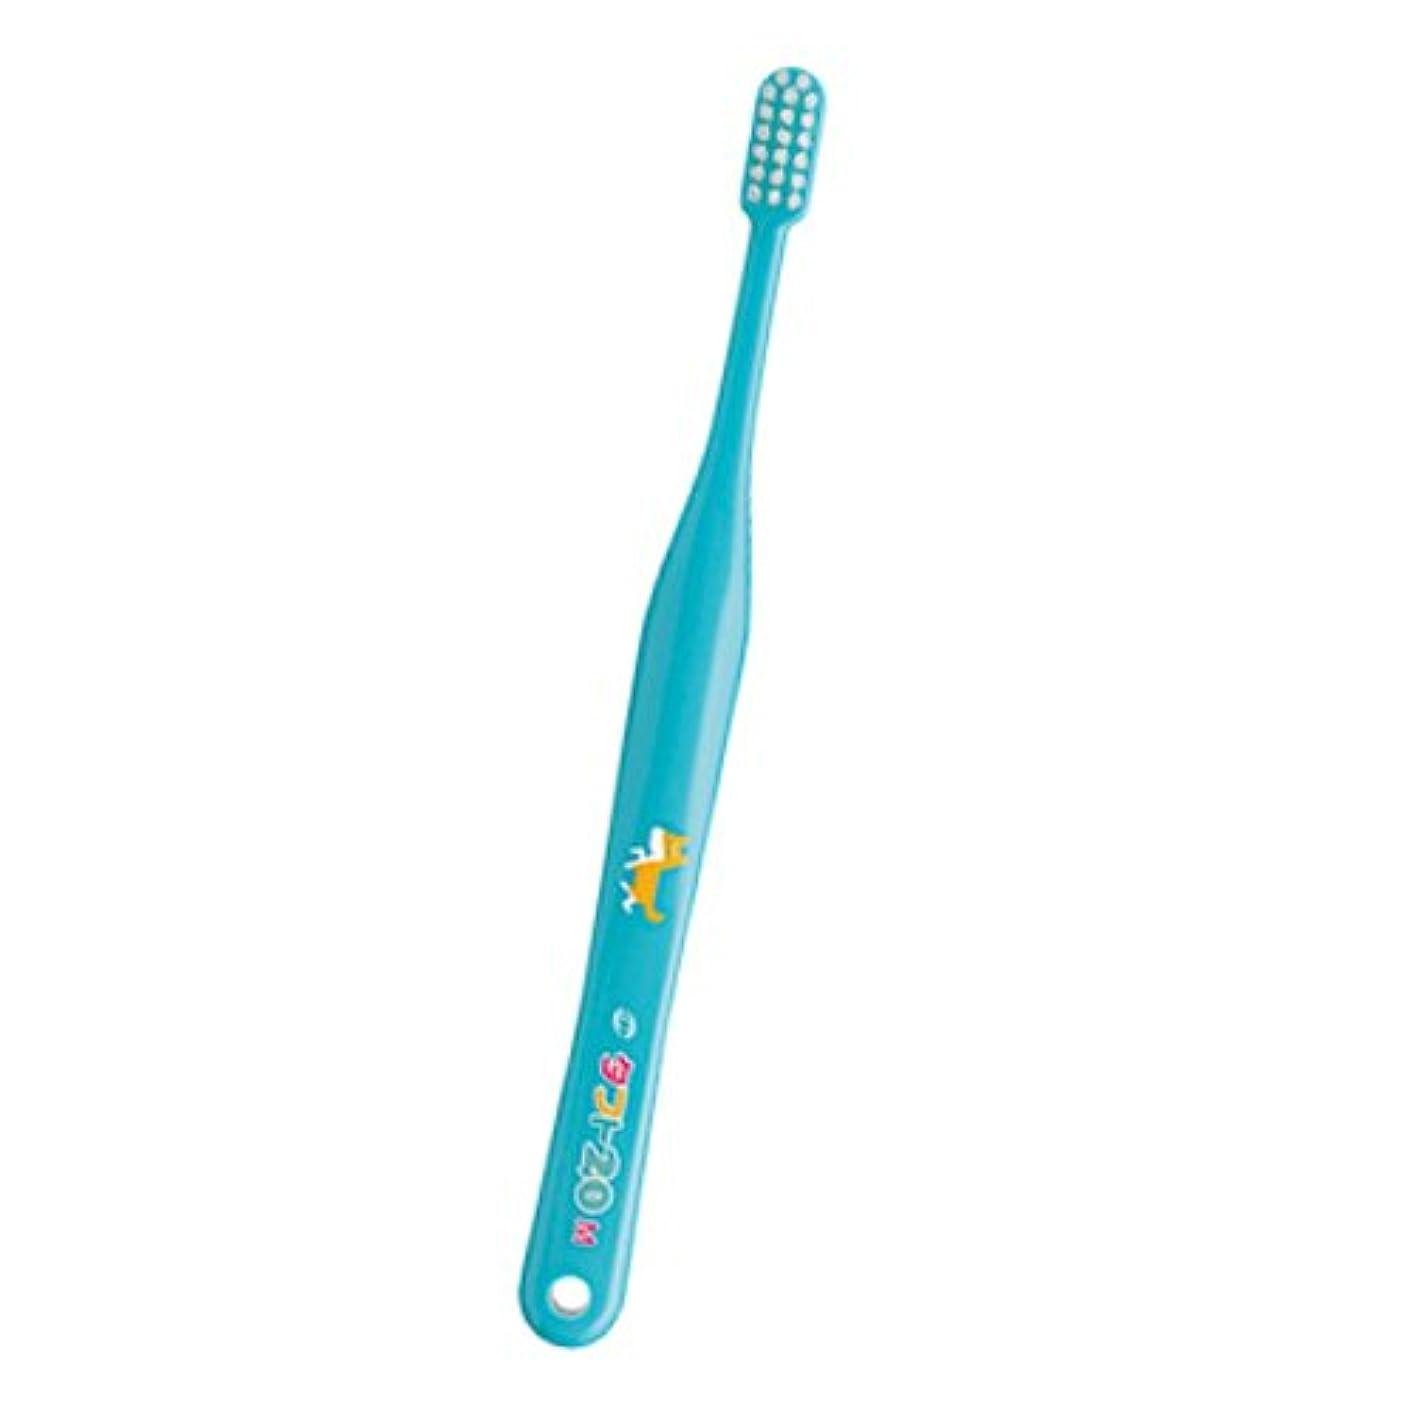 バンガロー連続した擬人化タフト 20 歯ブラシ ミディアム 1本 ブルー M